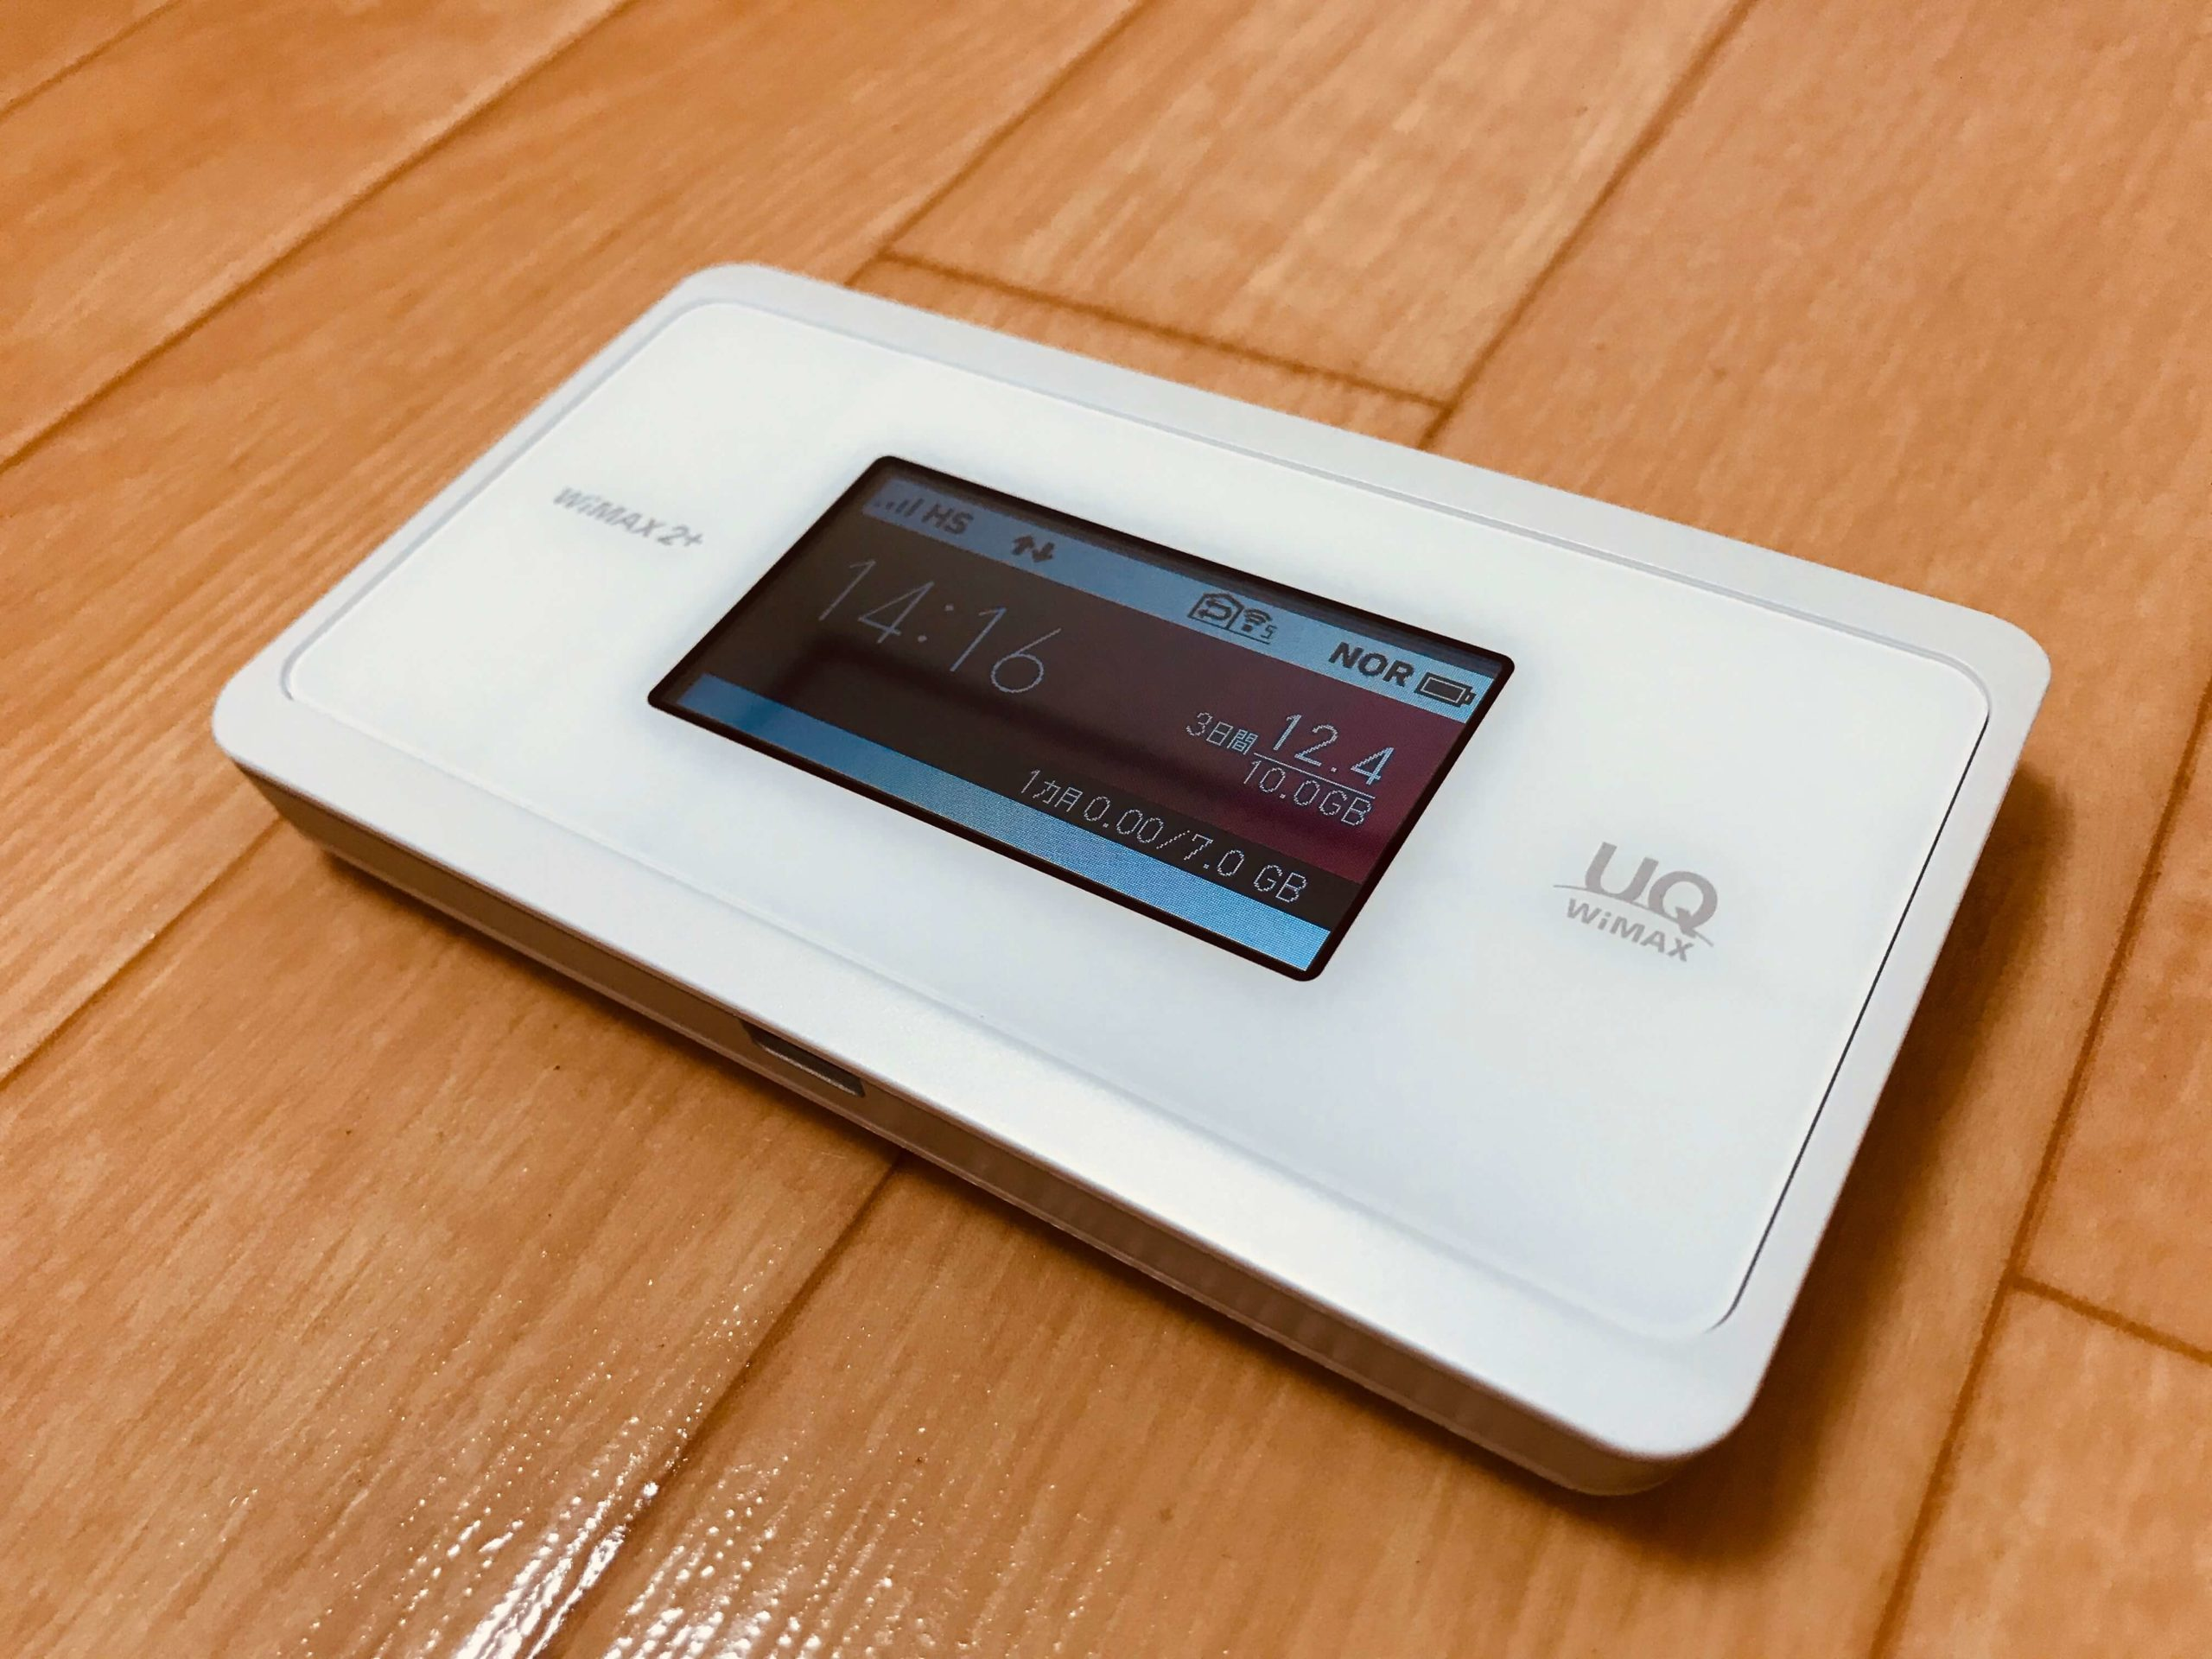 GMOとくとくBB で契約したルーター「Speed Wi-Fi NEXT WX06」